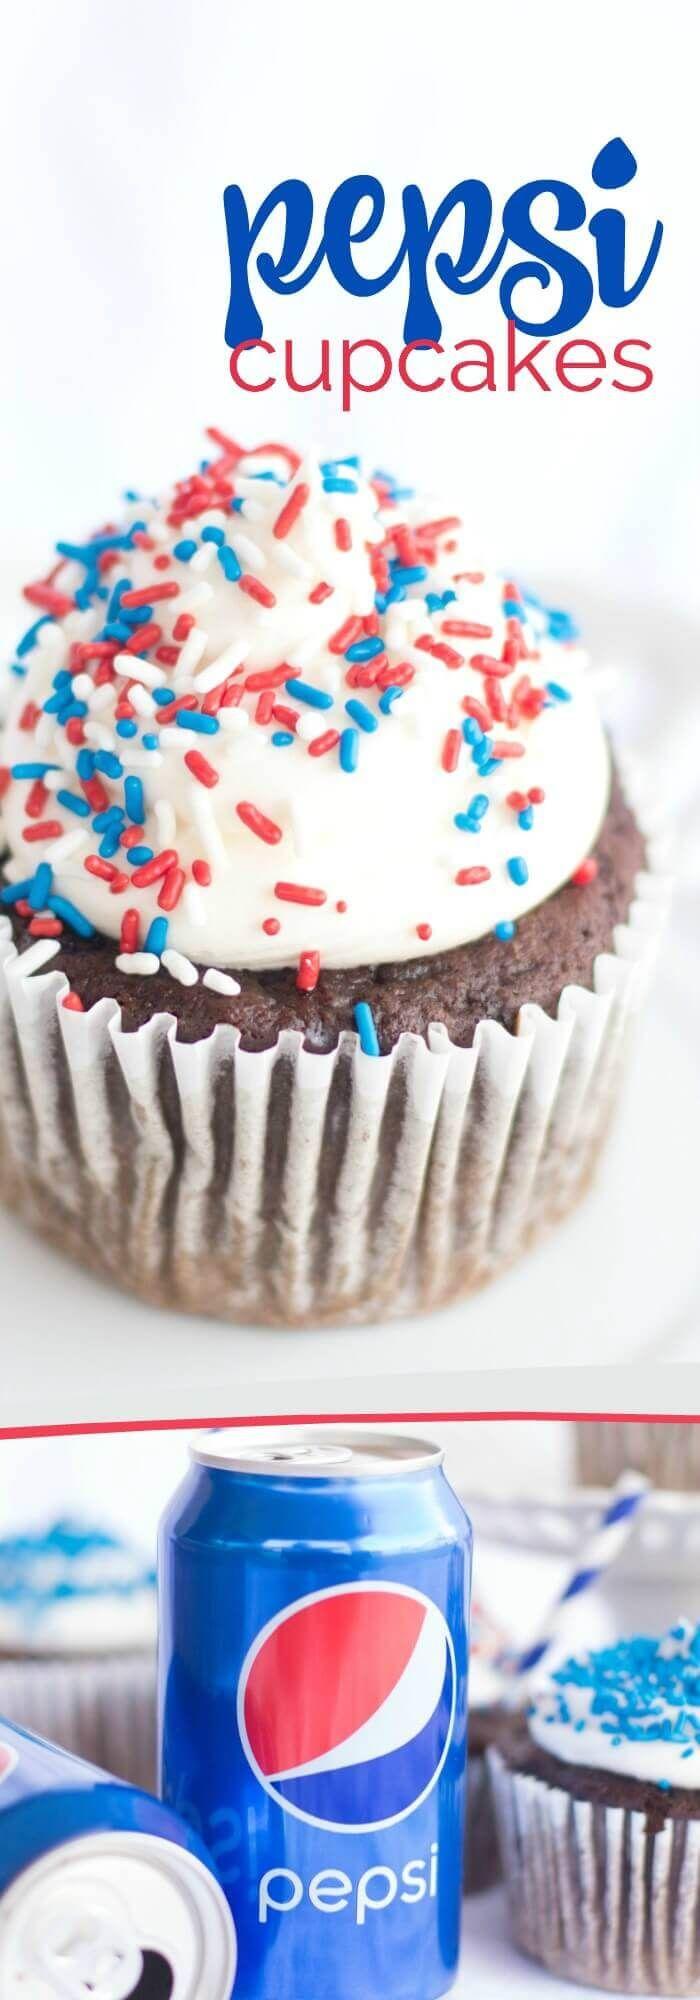 Pepsi Cupcakes                                                                                                                                                                                 More